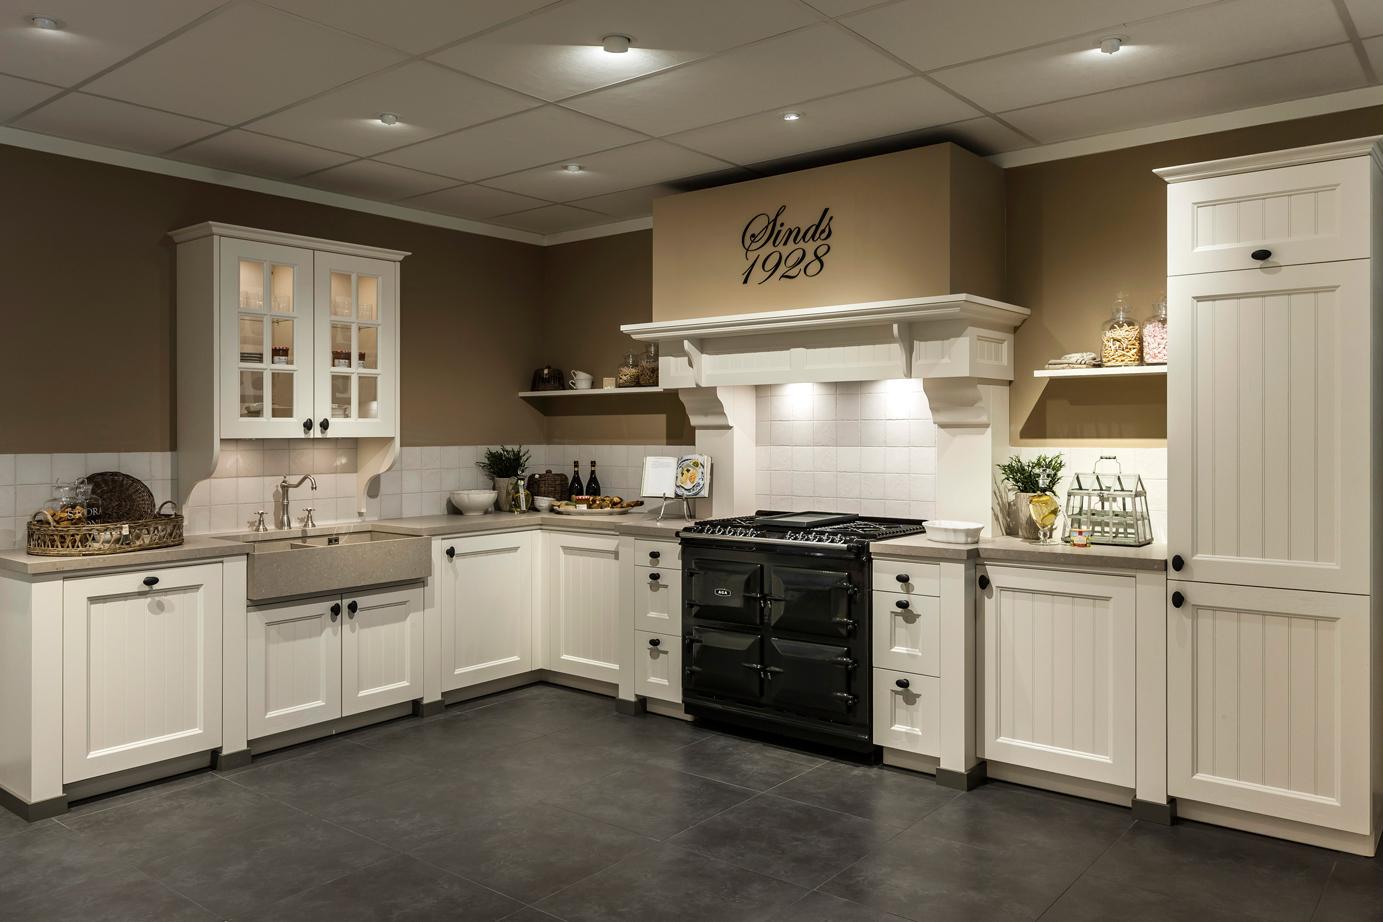 Landelijke Keuken Fornuis : Landelijke Keuken Landelijke Keuken Met Vrijstaand Aga